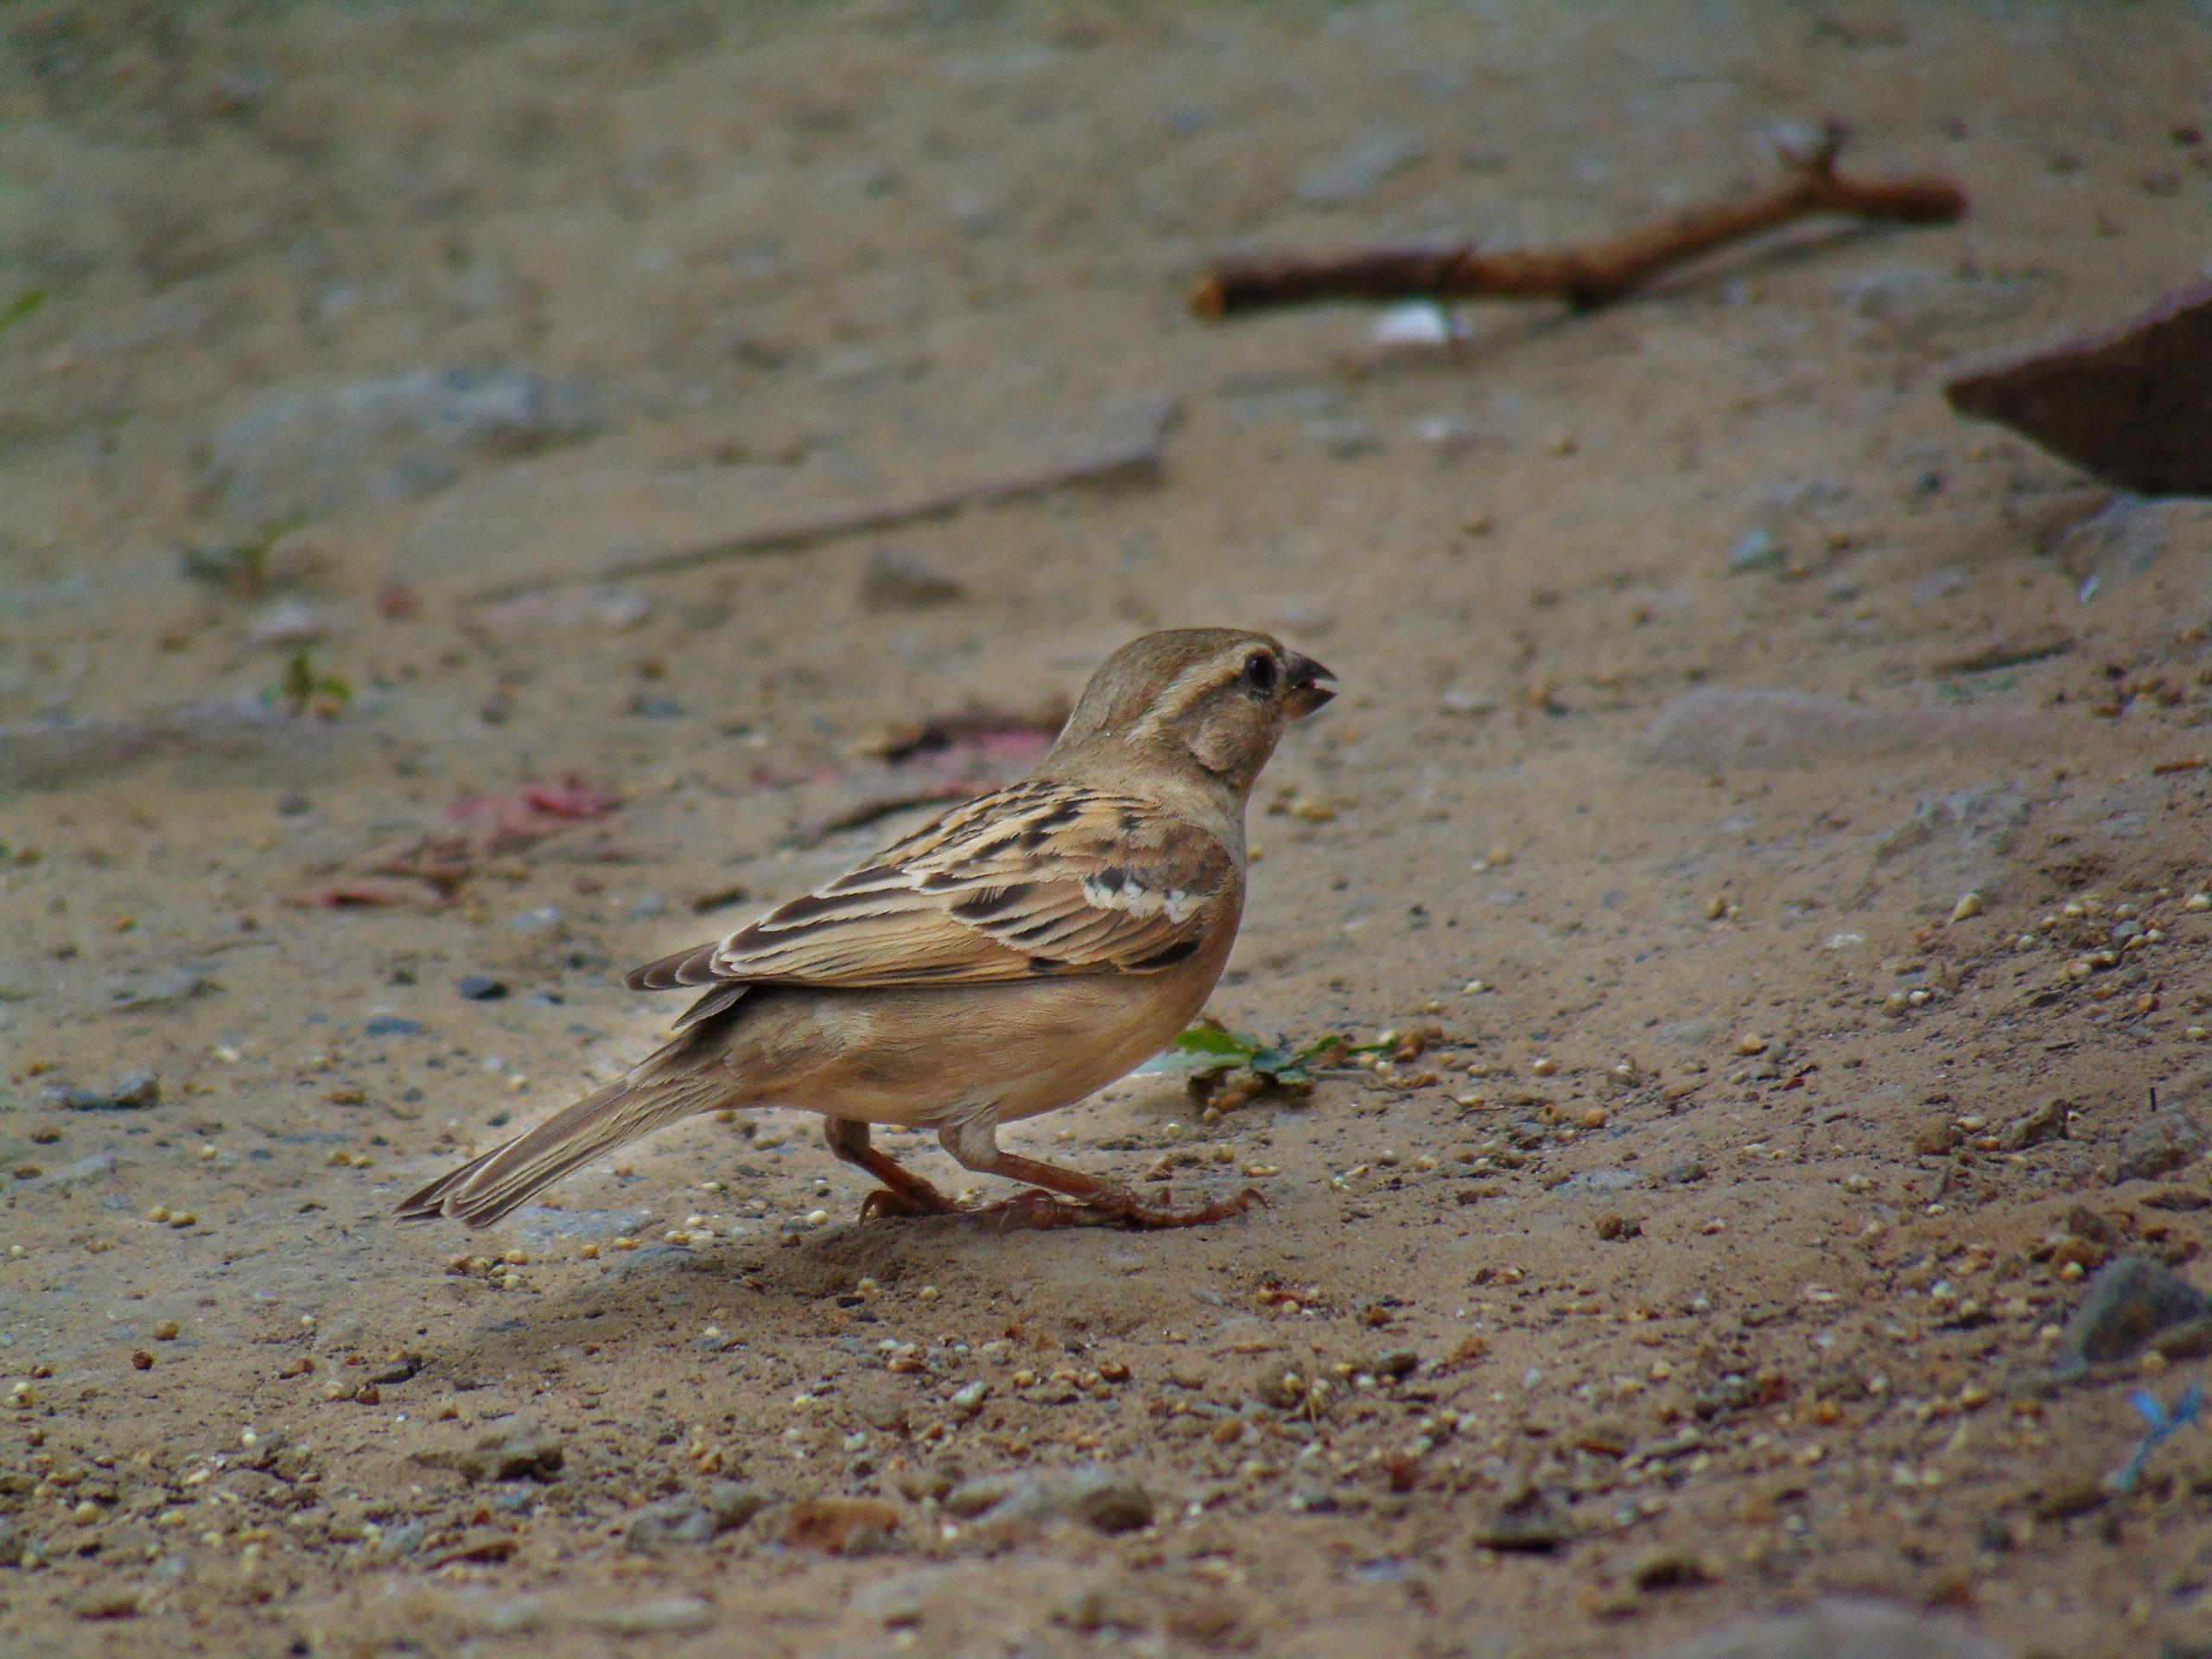 A female sparrow